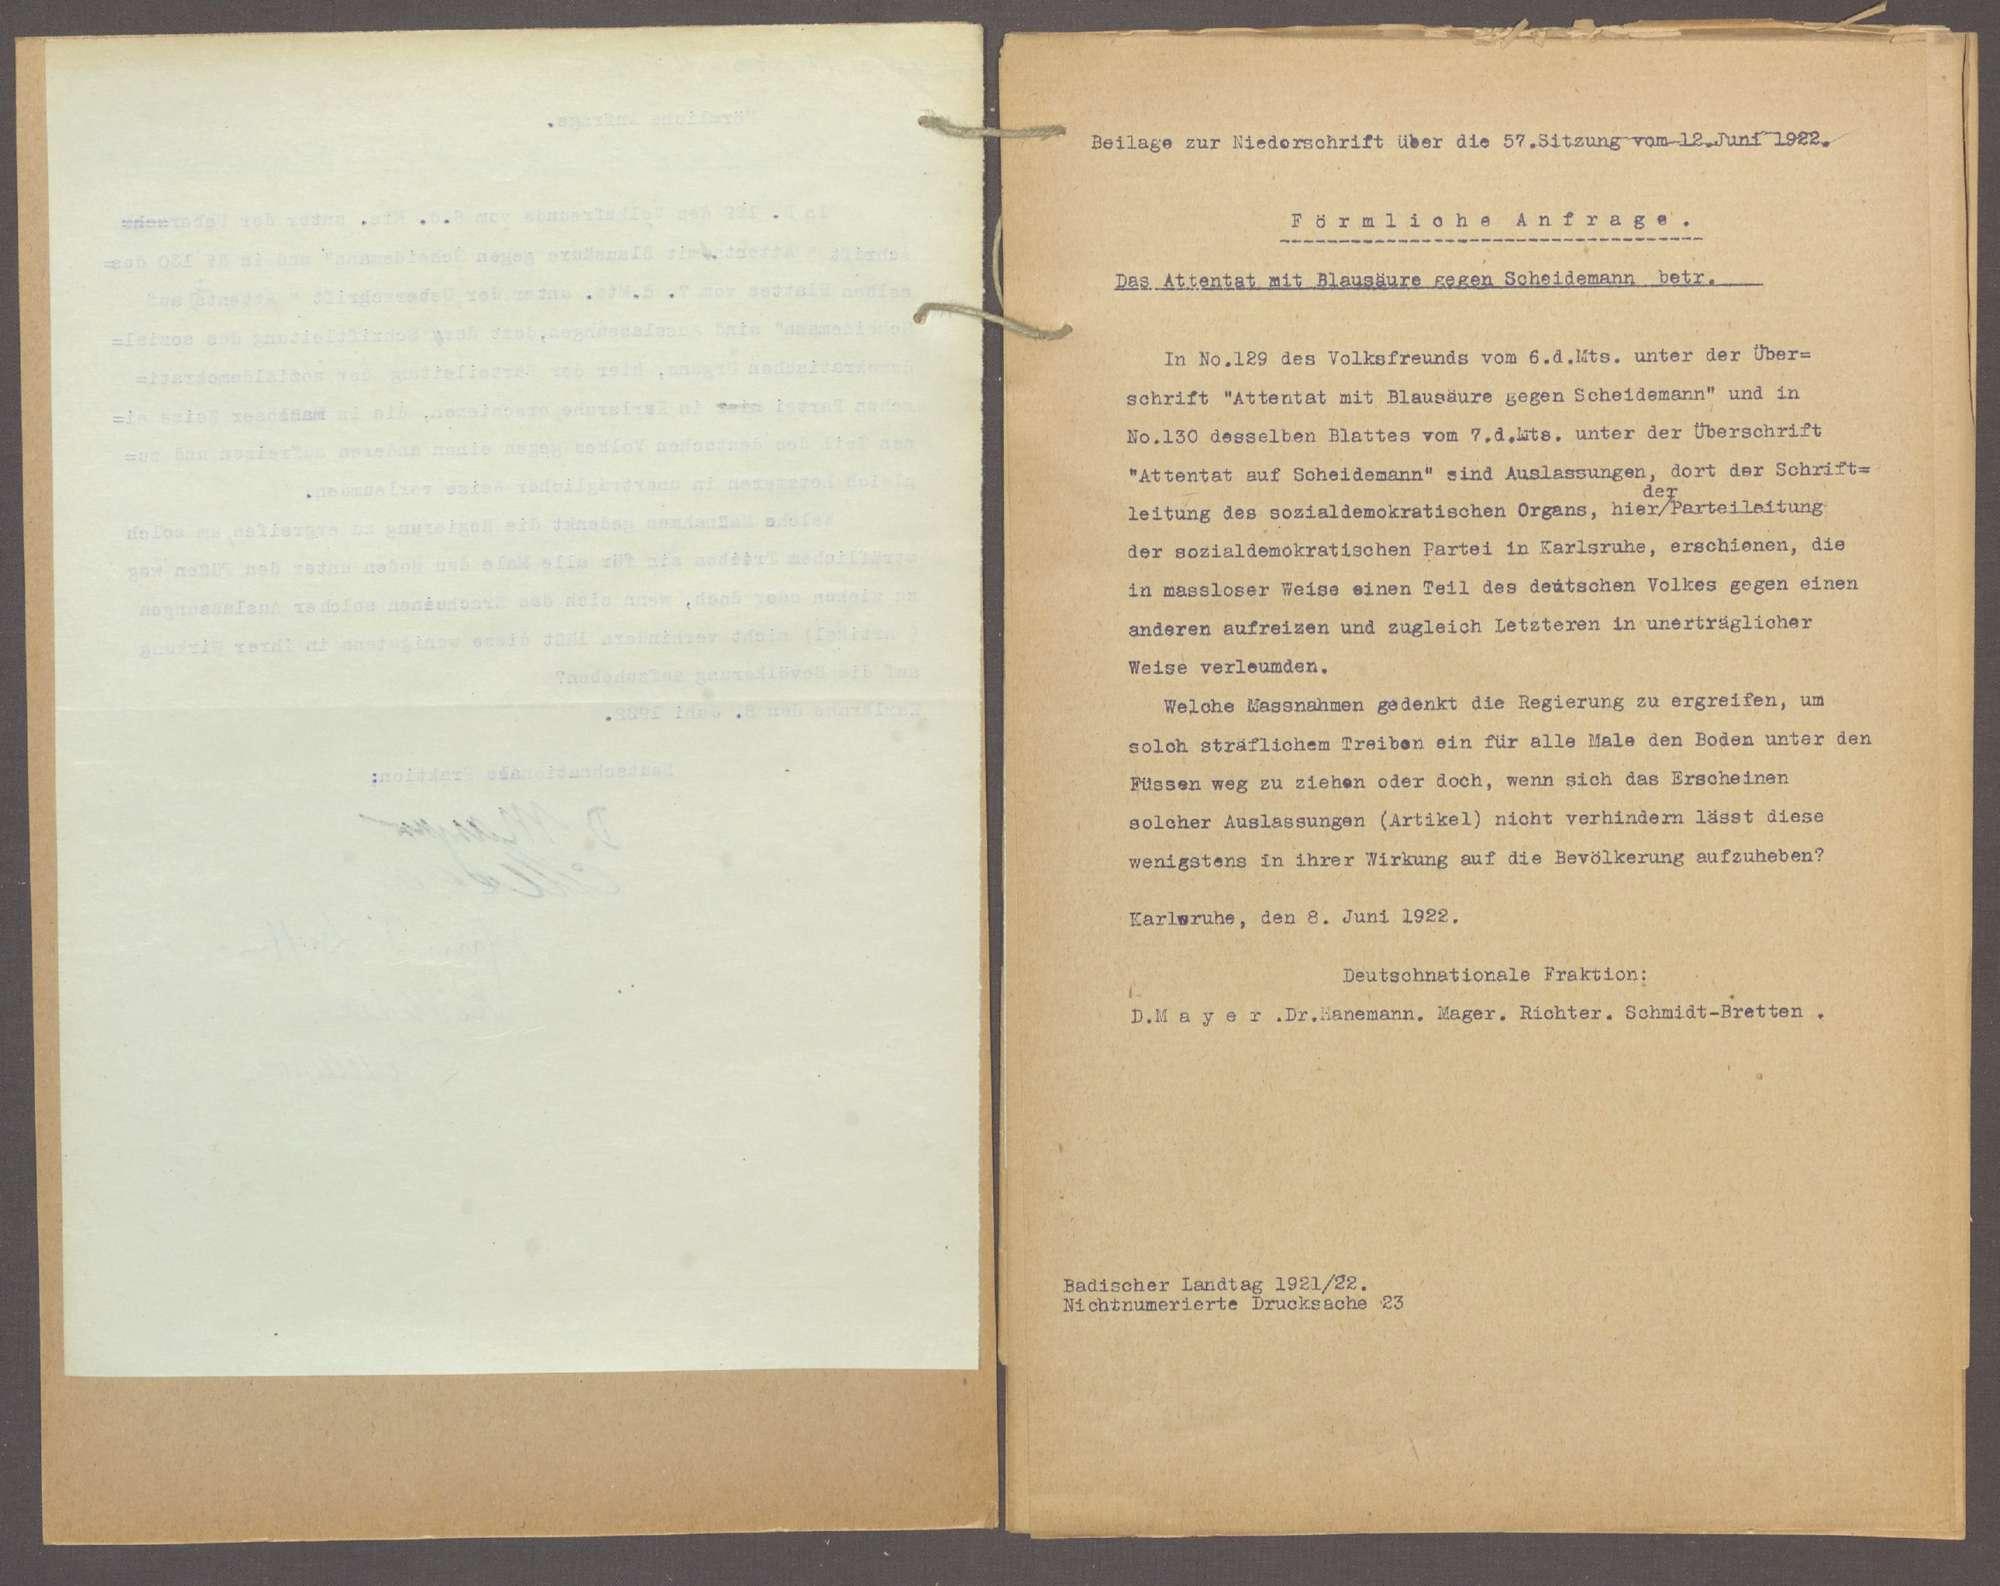 Förmliche Anfrage der Abg. D. Mayer (Karlsruhe) und Gen., das Attentat mit Blausäure gegen Scheidemann betr. -Nichtnumm. Drucks. 23-, Bild 3